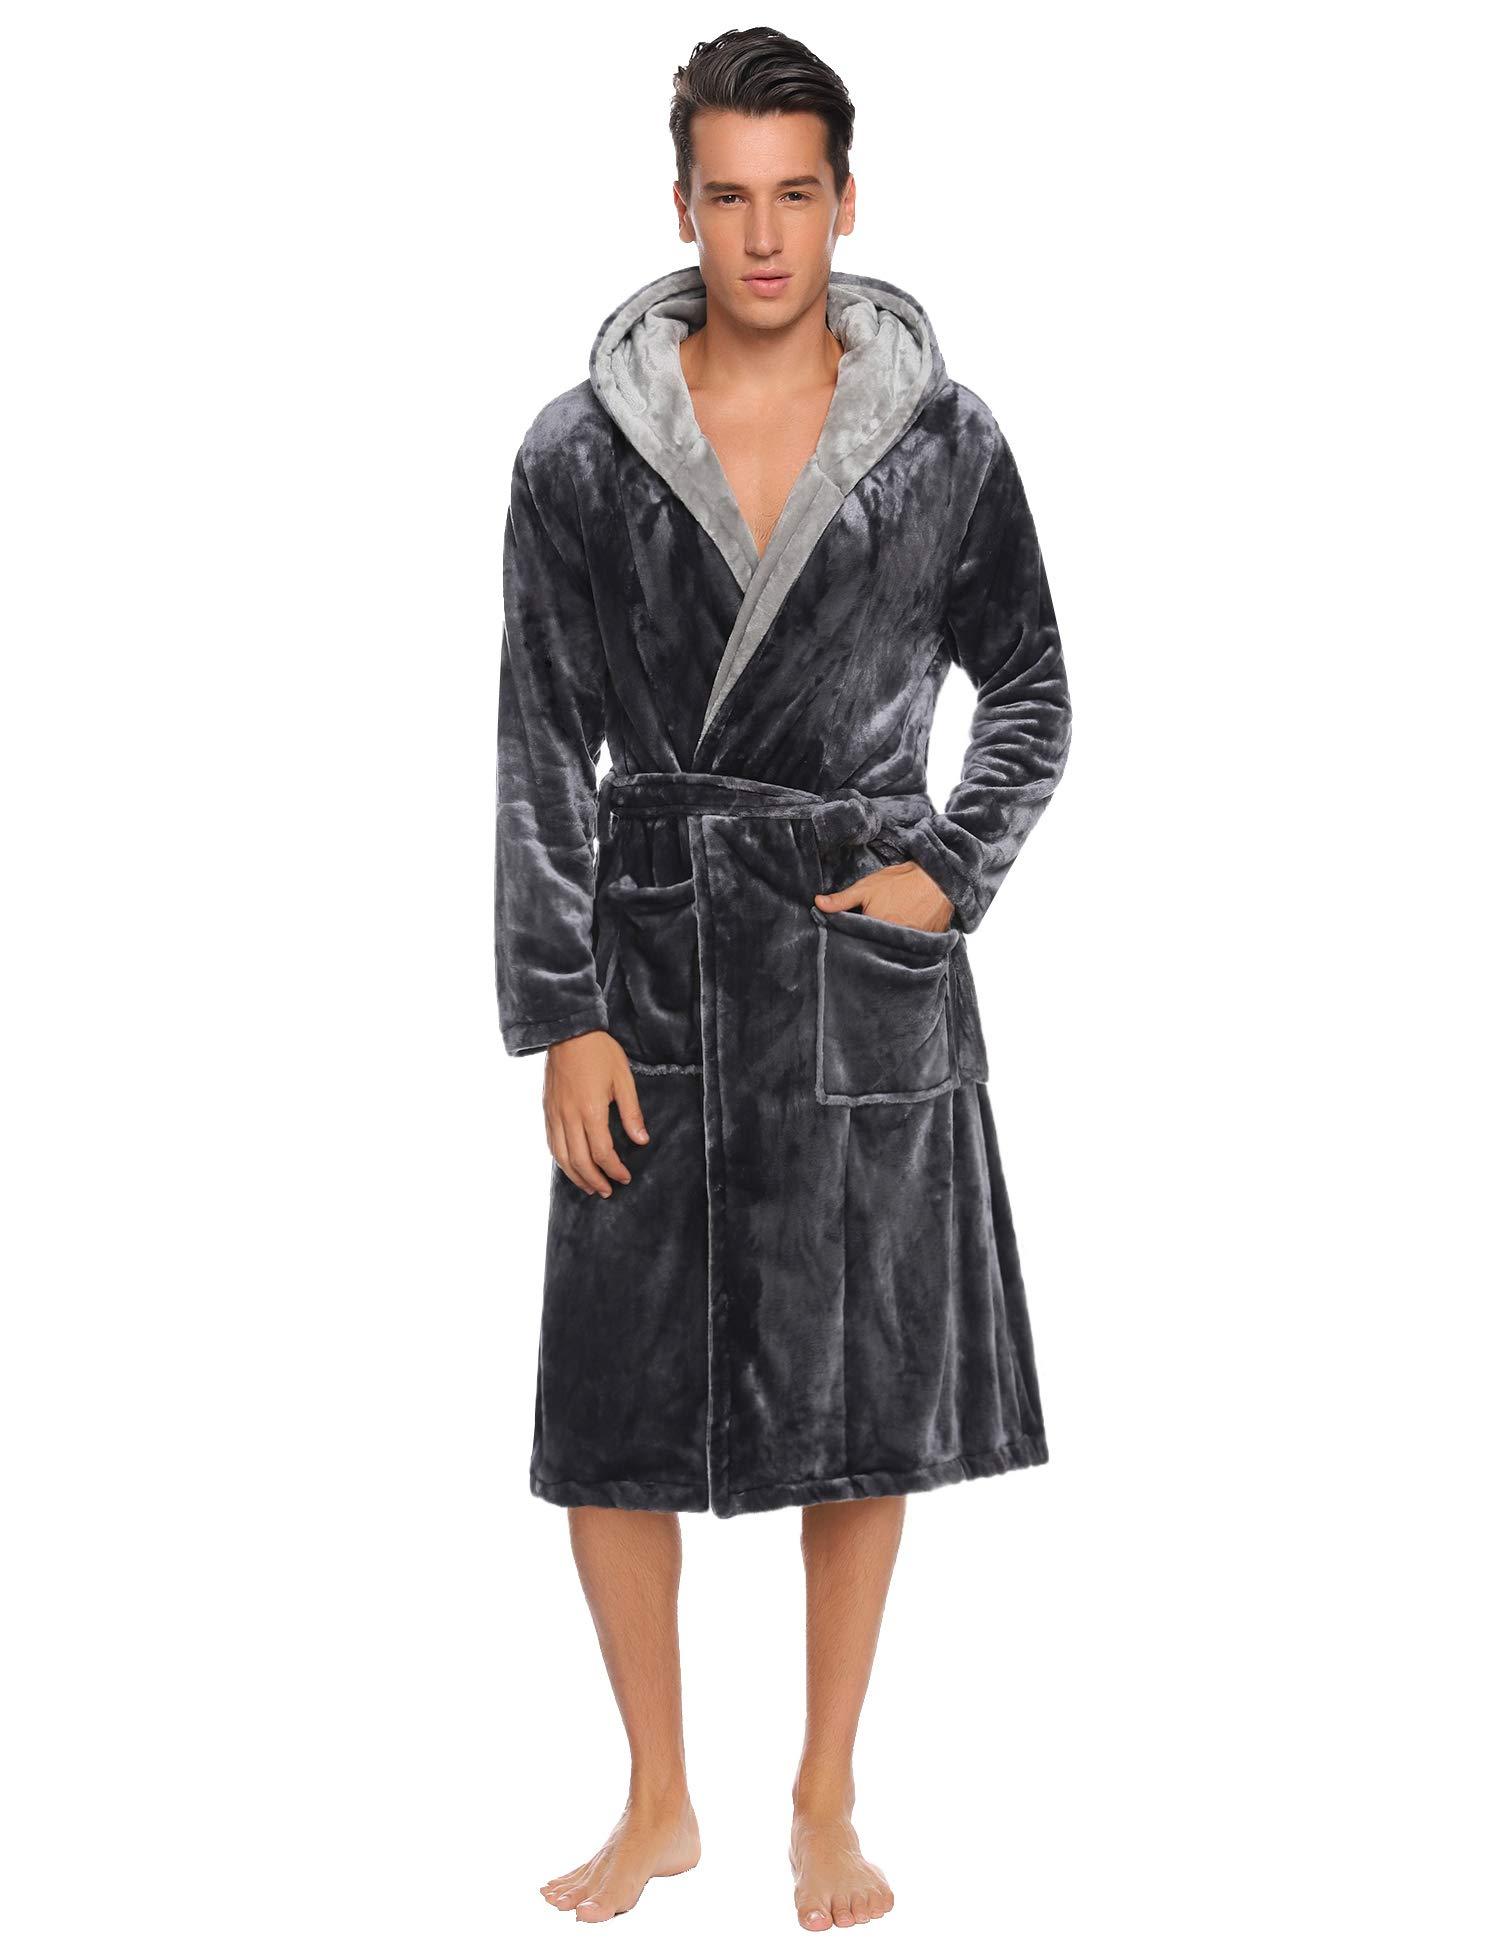 Hawiton Men's Hooded Robe Plush Shawl Kimono Bathrobes Velour Nightgown Spa Robe for Winter